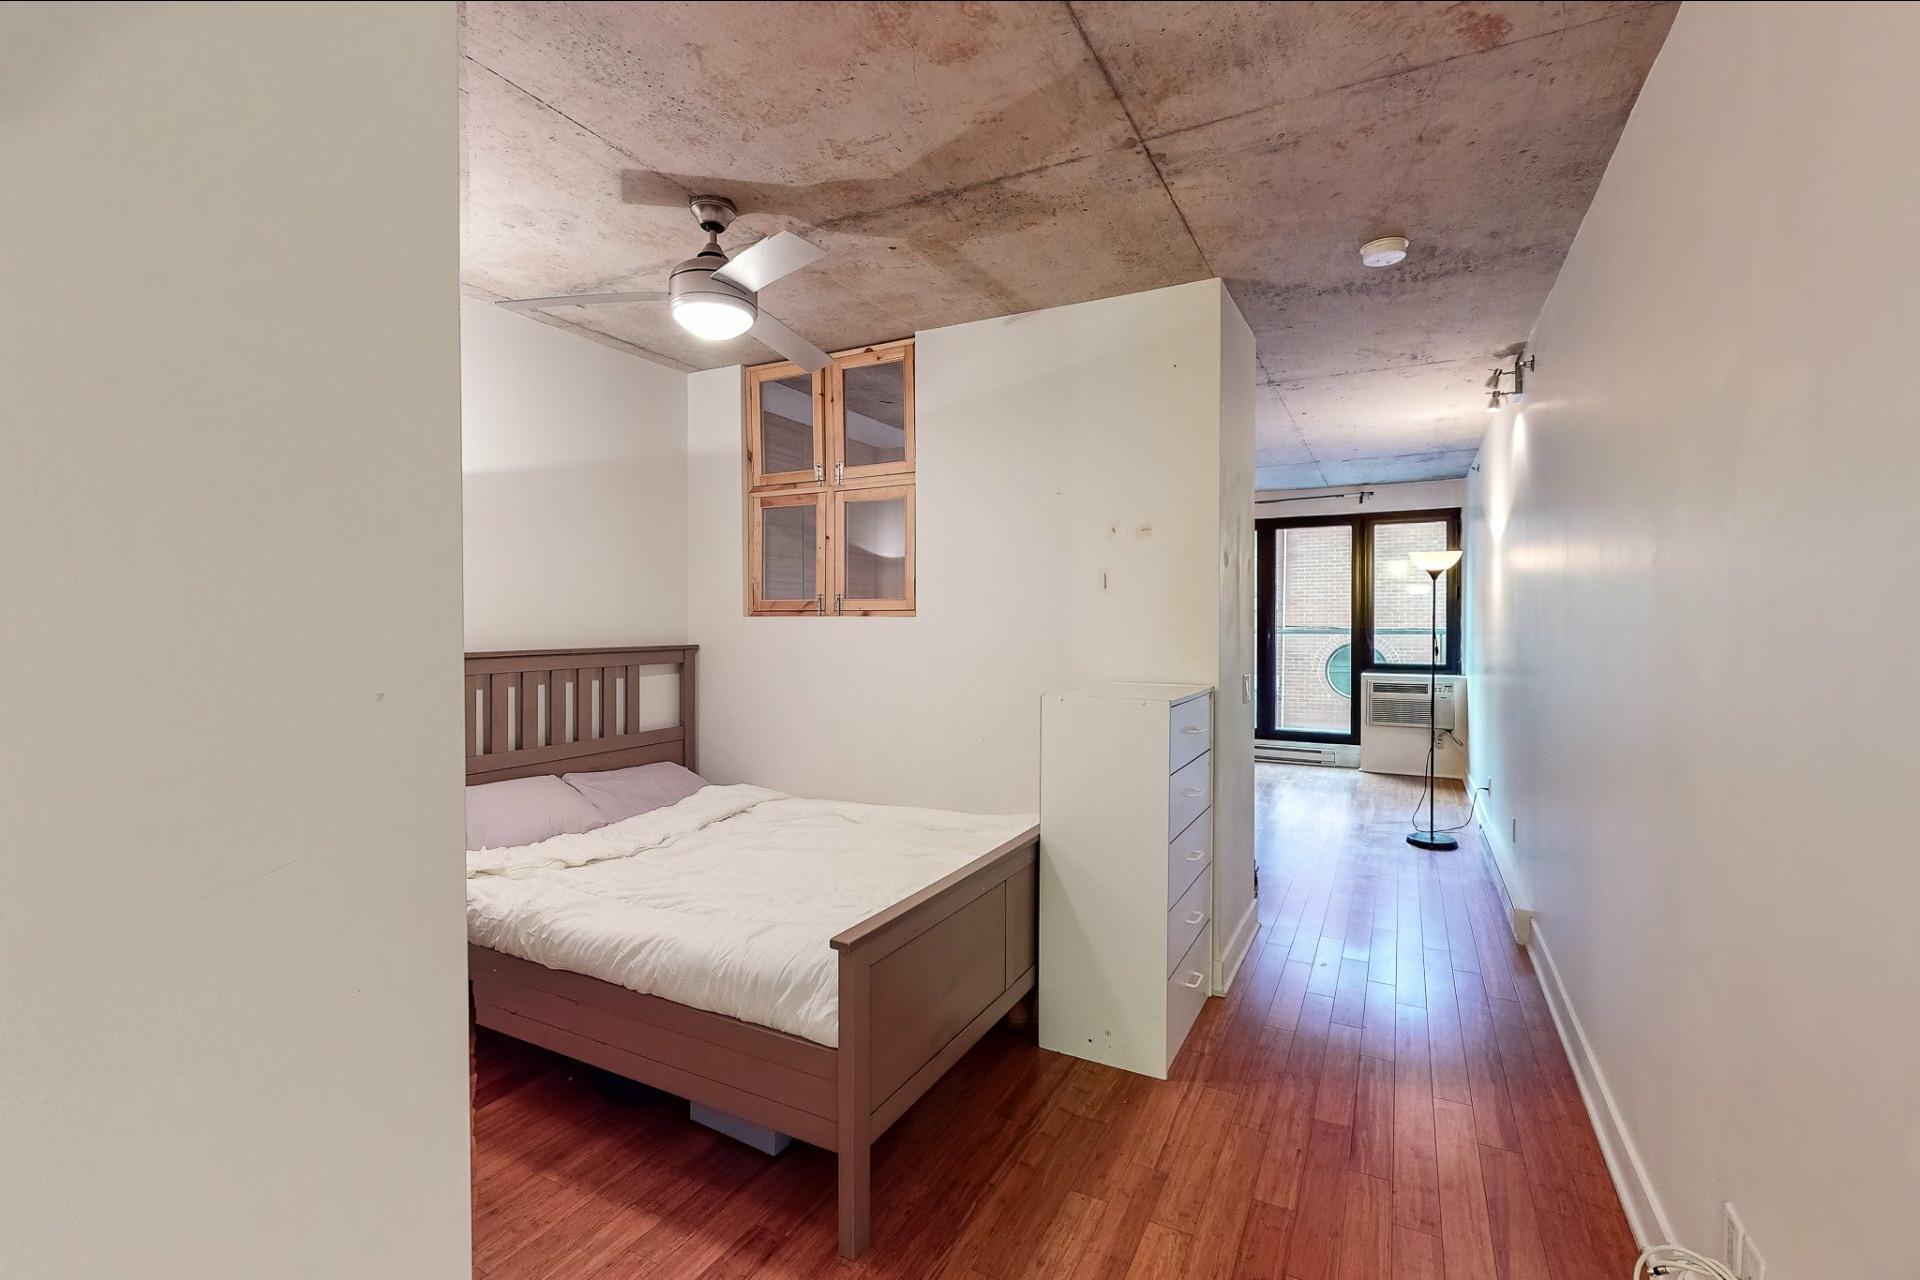 image 6 - Apartment For sale Ville-Marie Montréal  - 2 rooms